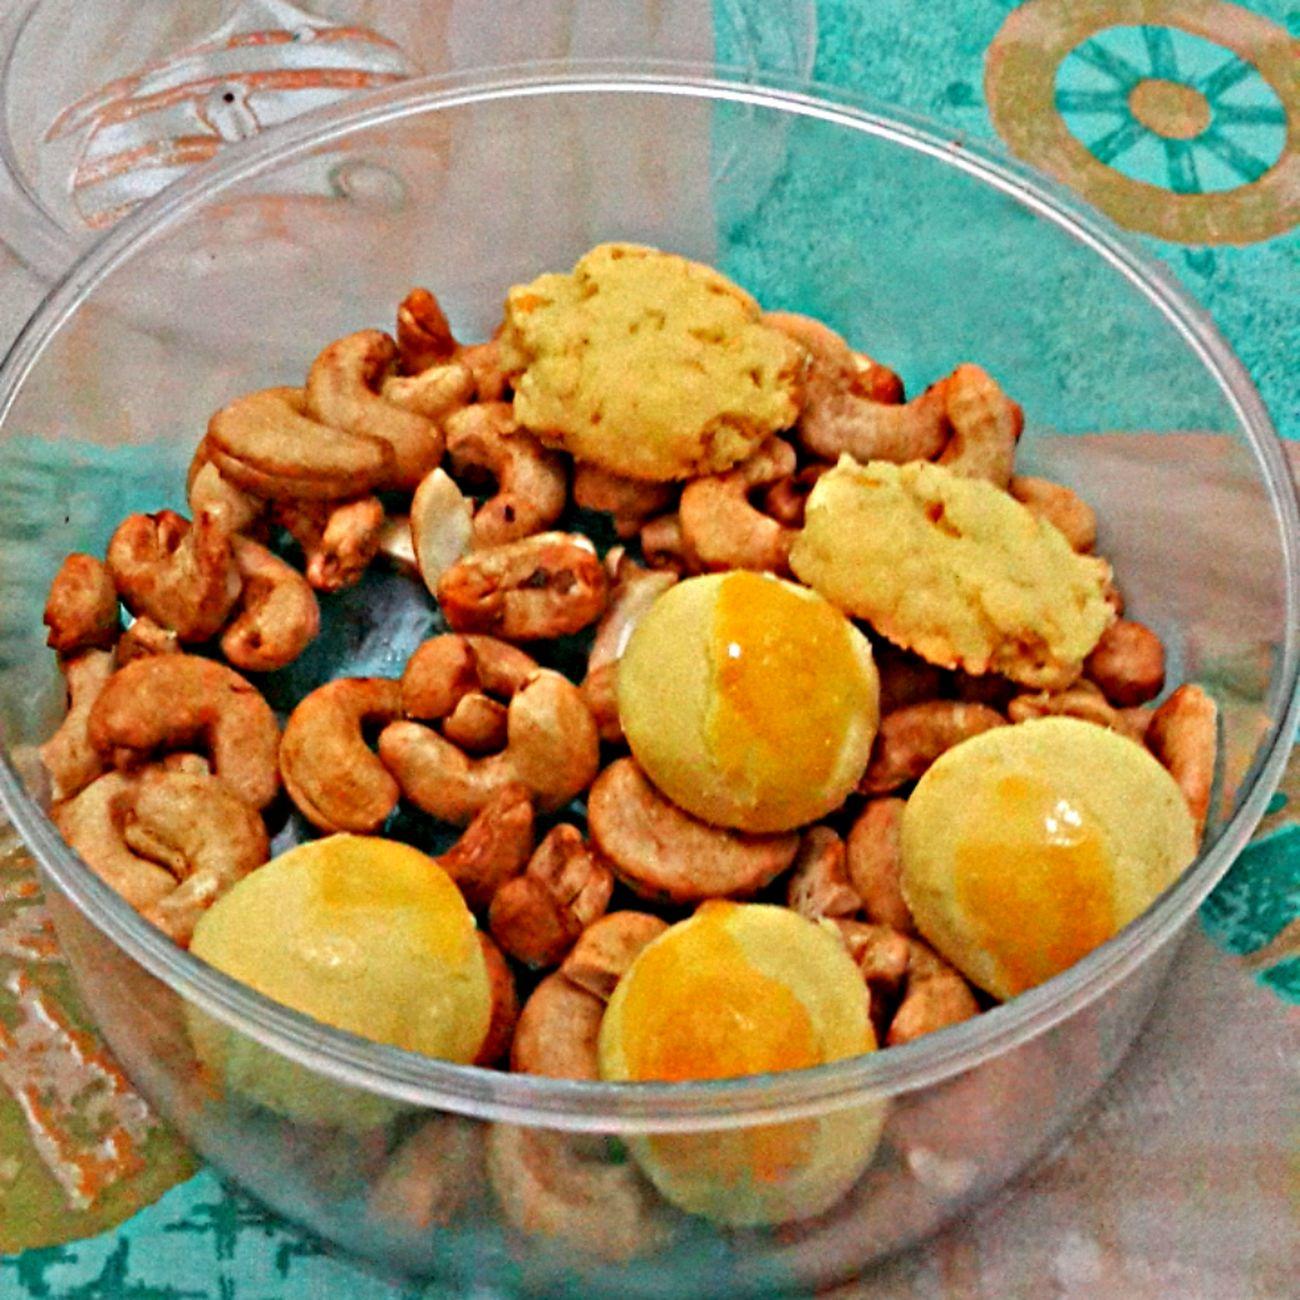 Khas Lebaran Happy Ied Mubarak IdulFitri1435H 1syawal 1435